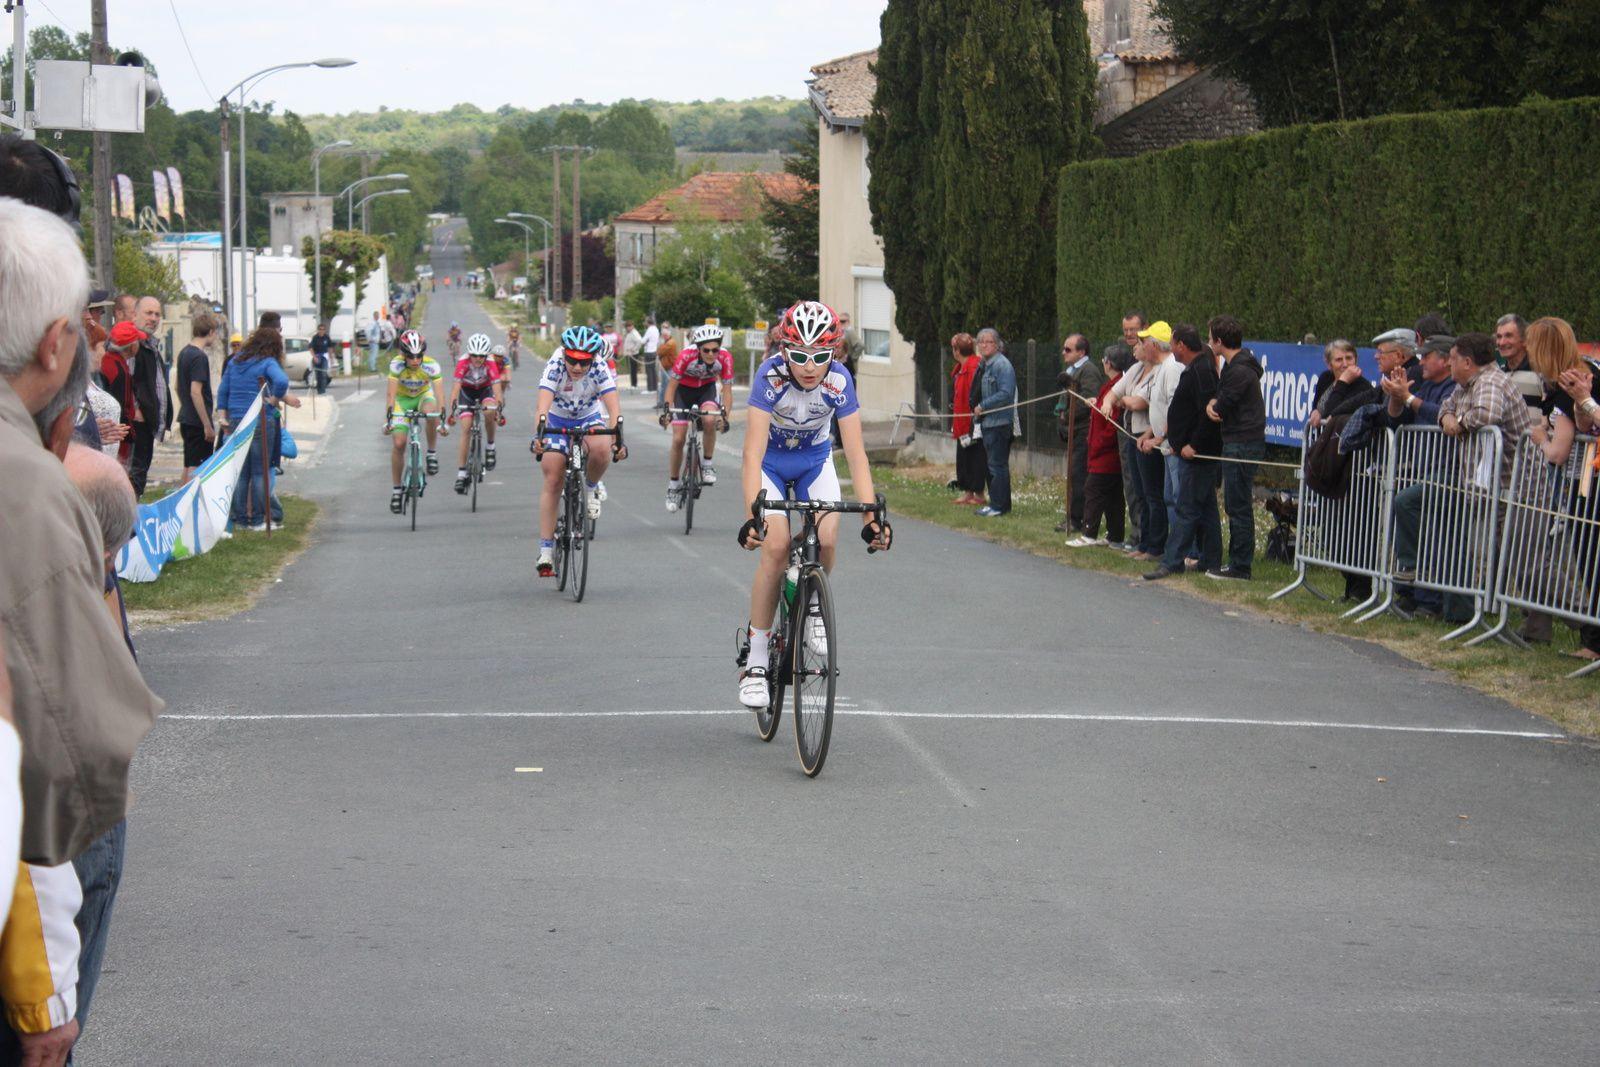 2e  Elie  DIAZ (UC  Pau), 3e  Cameron  NORMAN (G  Mansle), 4e  Alexandre  DURAND(CA  Bégles), 5e  Kilian  SOURDY(AC Jarnac-Aigre-Rouillac), 6e  Ludovic  BRIVADY(VC  Rochefort), 7e  Romain  BELON(VC  Montendre), 8e  Louis  PELLON(VC  Rochefort), 9e  Léa  RIBERIRO(VC  Savigny sur Orge), 10e  Callum  NORMAN(G  Mansle), 11e  Clément  ANDREAZZA(VC  Saintes), 12e  Alban  GRATEAU(AC  Macqueville), 13e  Lucas  PELISSON(C  Sud-Saintonge), 14e  Maximilien  REGADE(VC  Montendre), 15e  Lucas  FAVRAUD(VC  Montendre), 16e  Gwendoline  POUVREAULT(VC  Saintes), 17e  Valentin  MORAND (VC  Saintes), 18e  Lucas  ROSELLO(VC  Saintes), 19e  Aurélien  MICHAUD(VC  Rochefort), 20e  Nathan  POITEVIN(VC  Saintes), 21e  Bryann  PORTIER(VC  Saintes), 22e  Tristan  PETIT(VC  Rochefort).